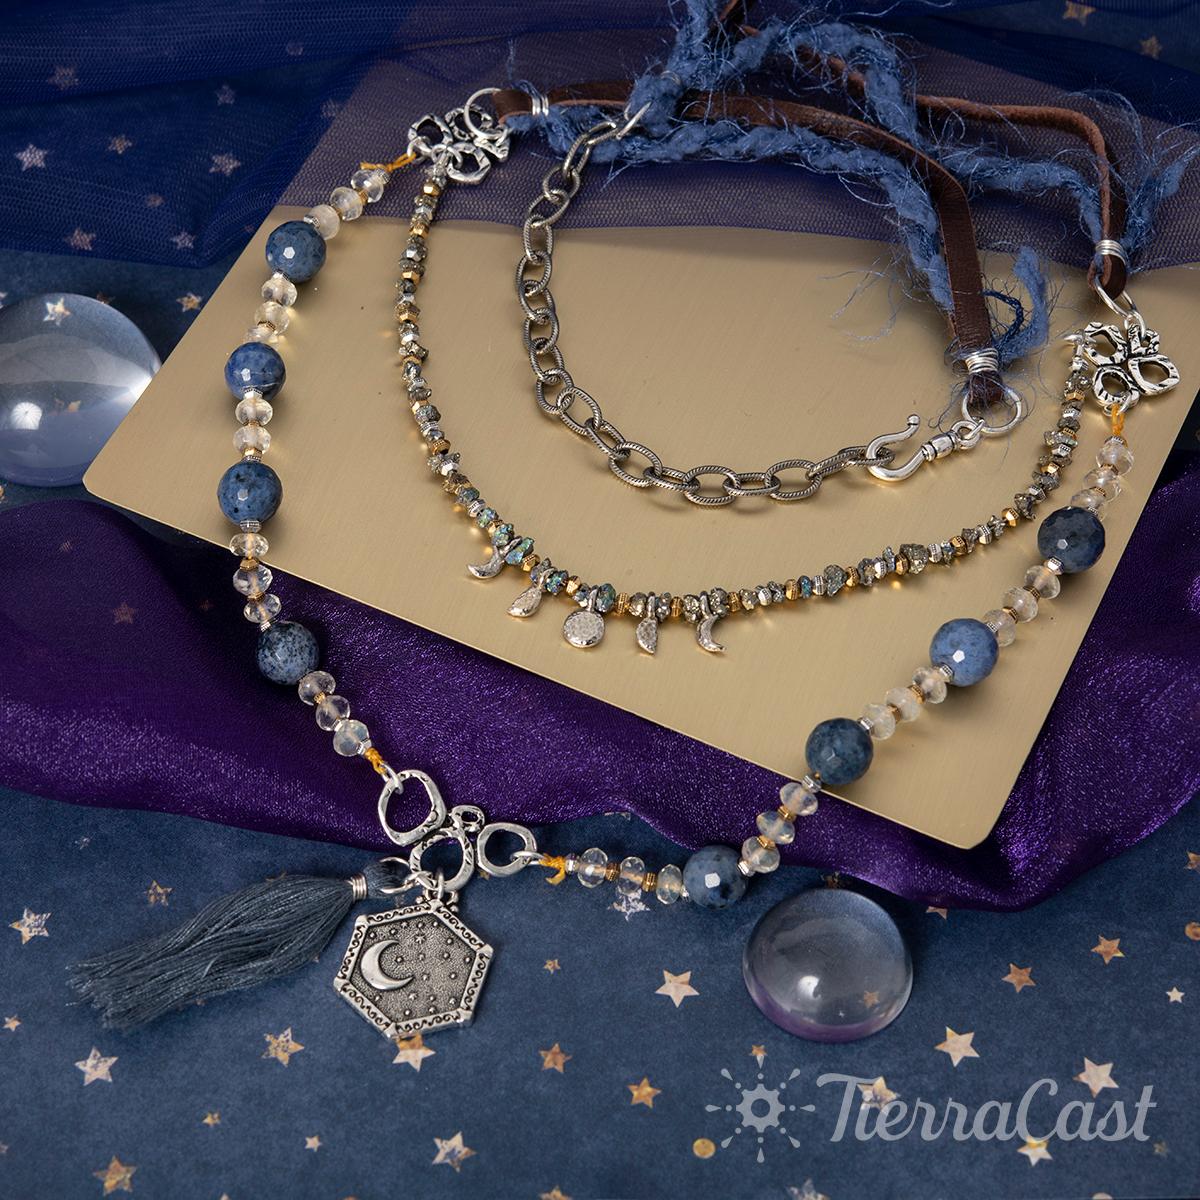 celestial-necklace-1200px-w.logo.jpg